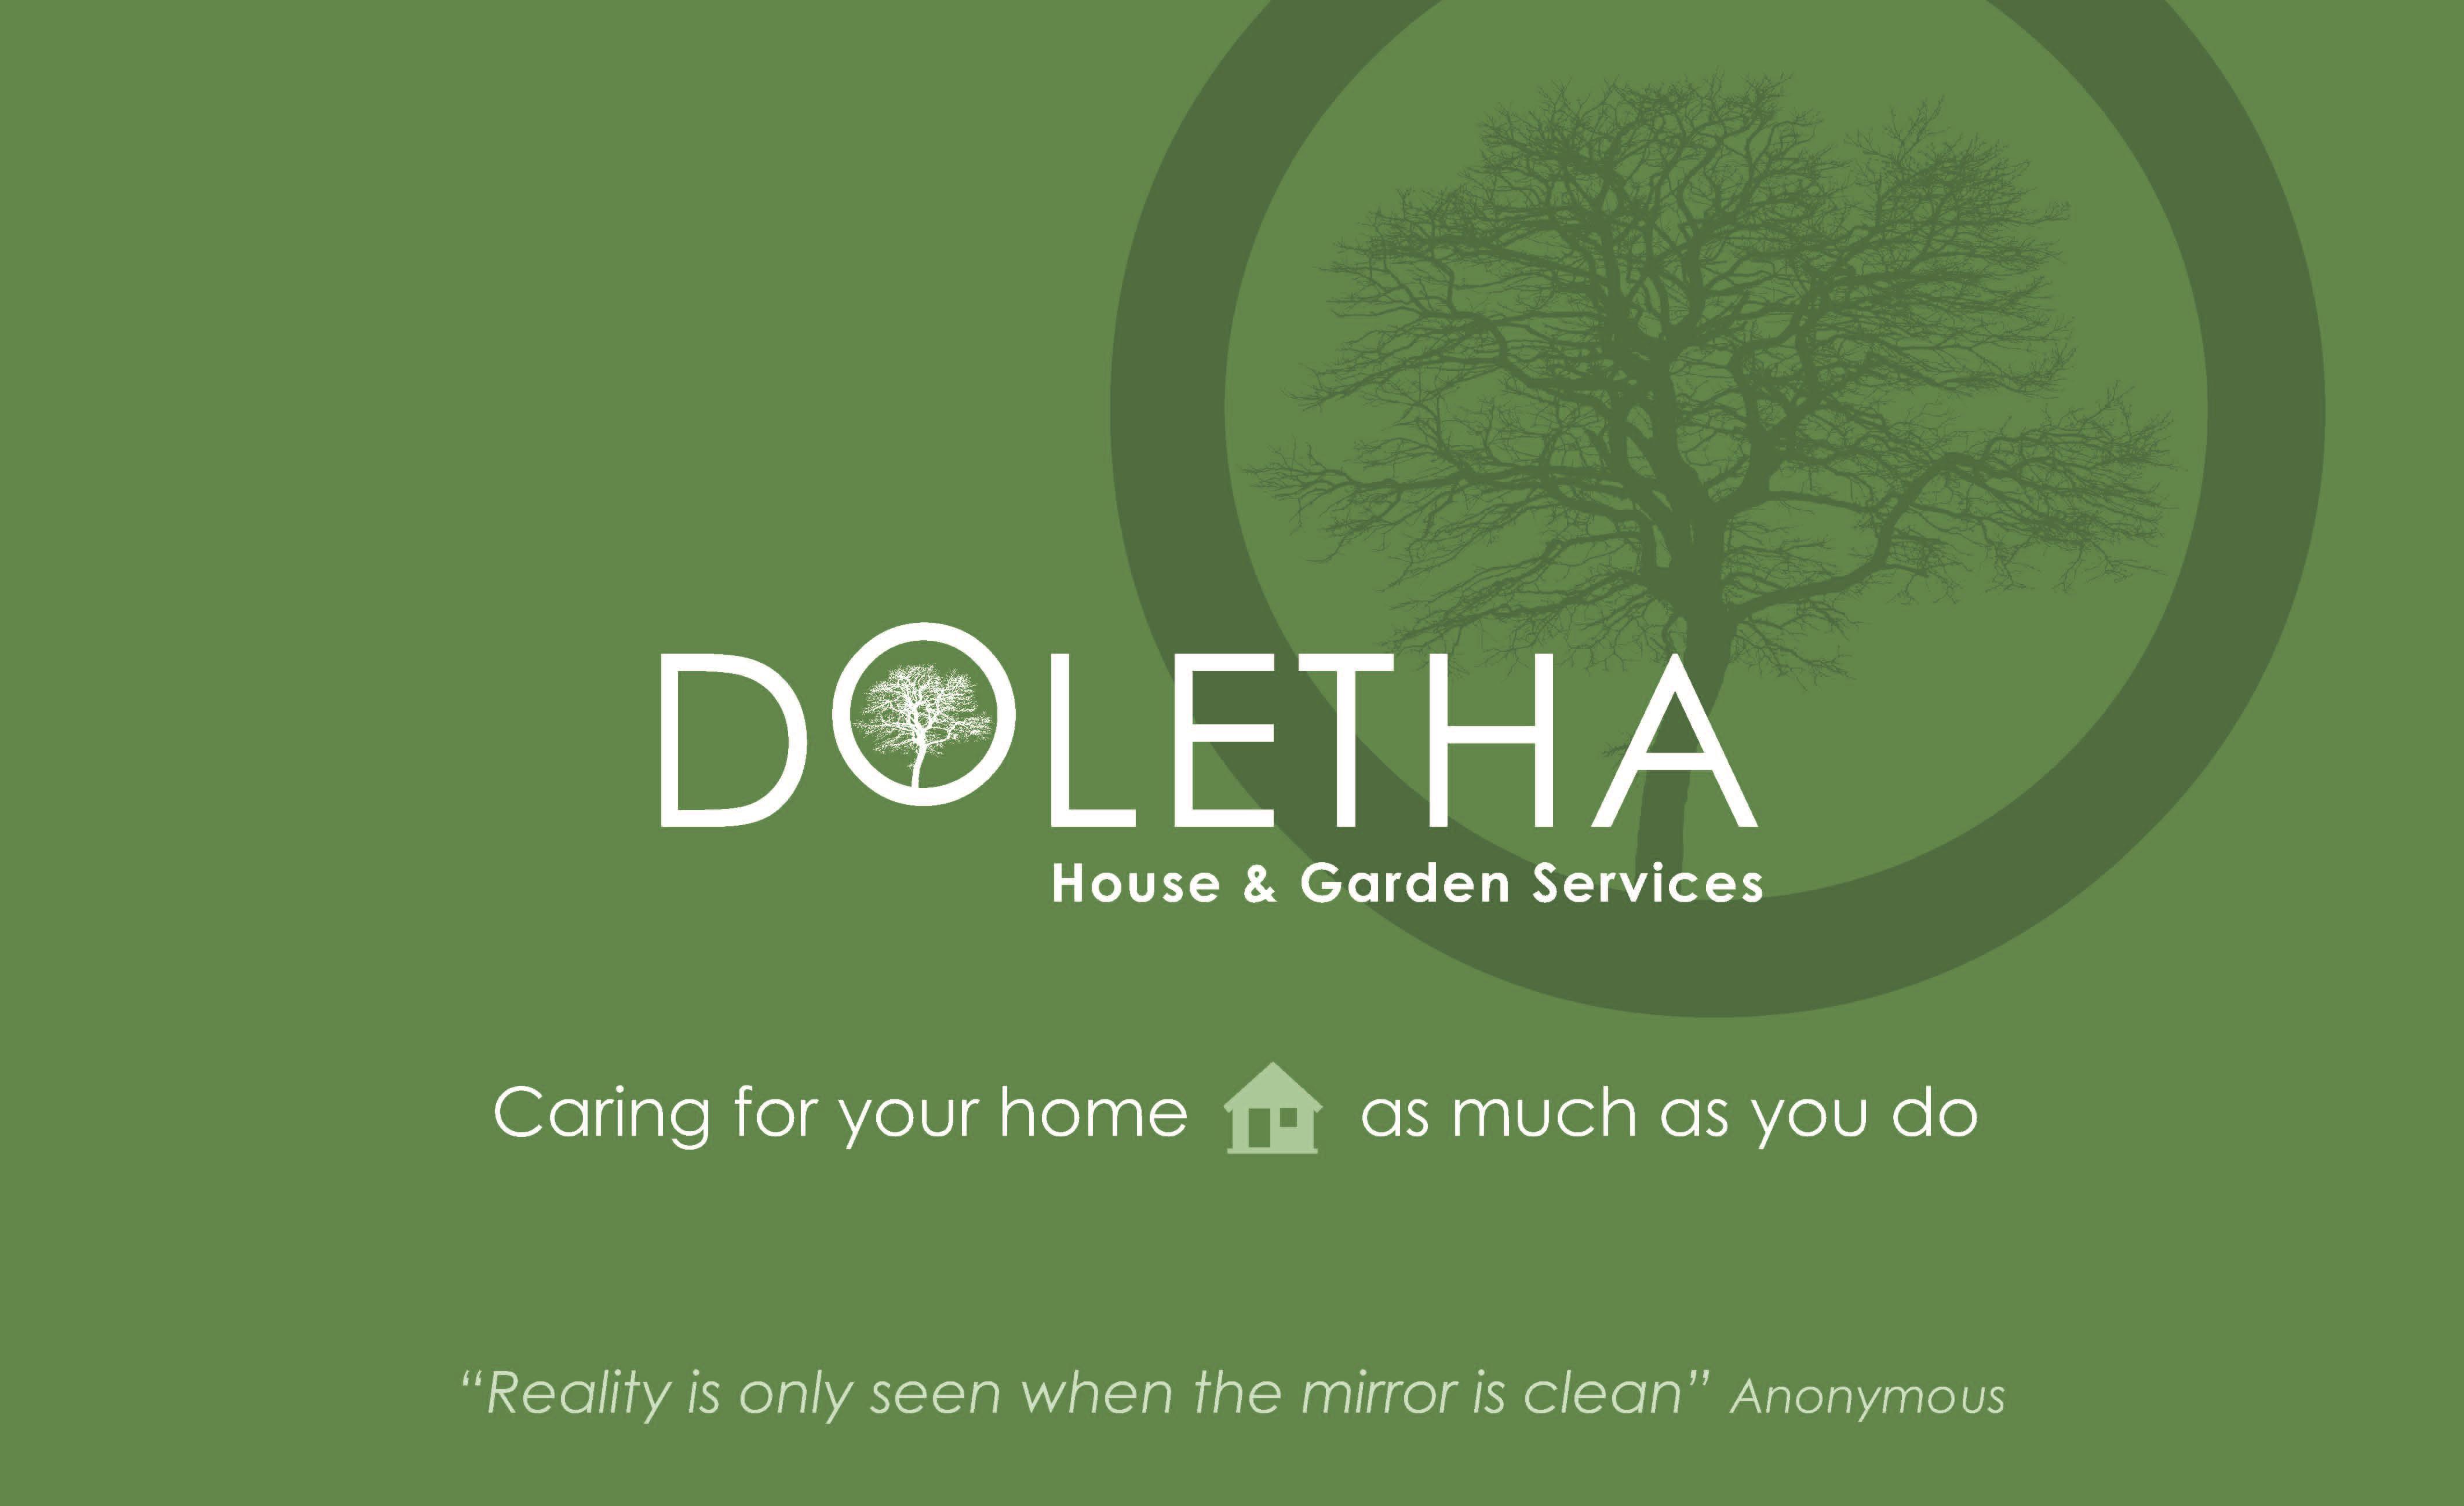 Doletha biz card1